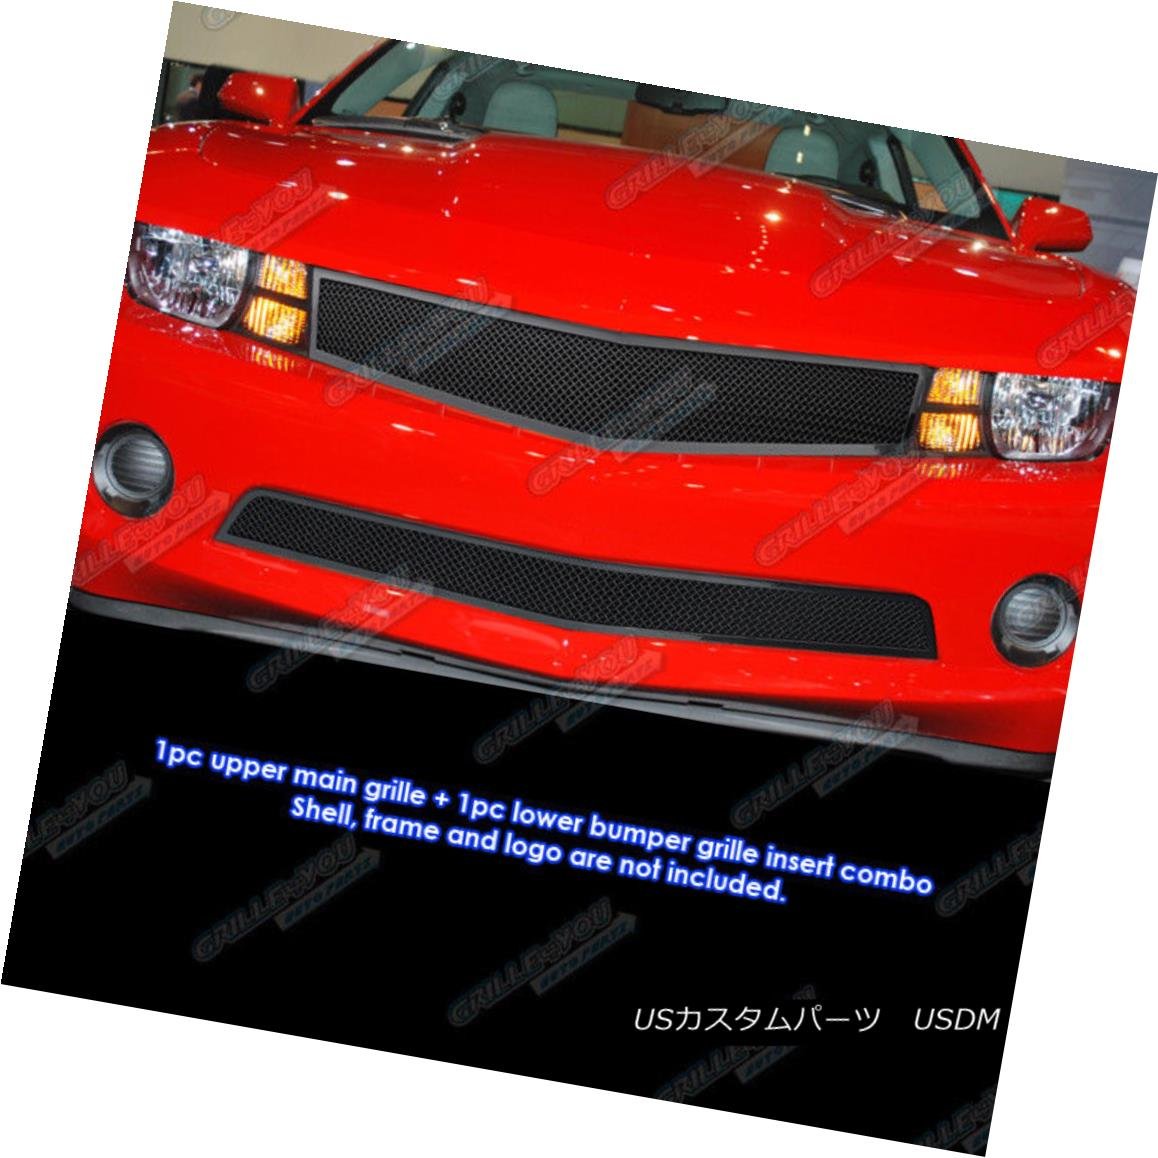 グリル For 2010-2013 Chevy Camaro LT/LS V6 Black Stainless Steel Mesh Grille Combo 2010-2013シボレーカマロLT / LS V6ブラックステンレスメッシュグリルコンボ用